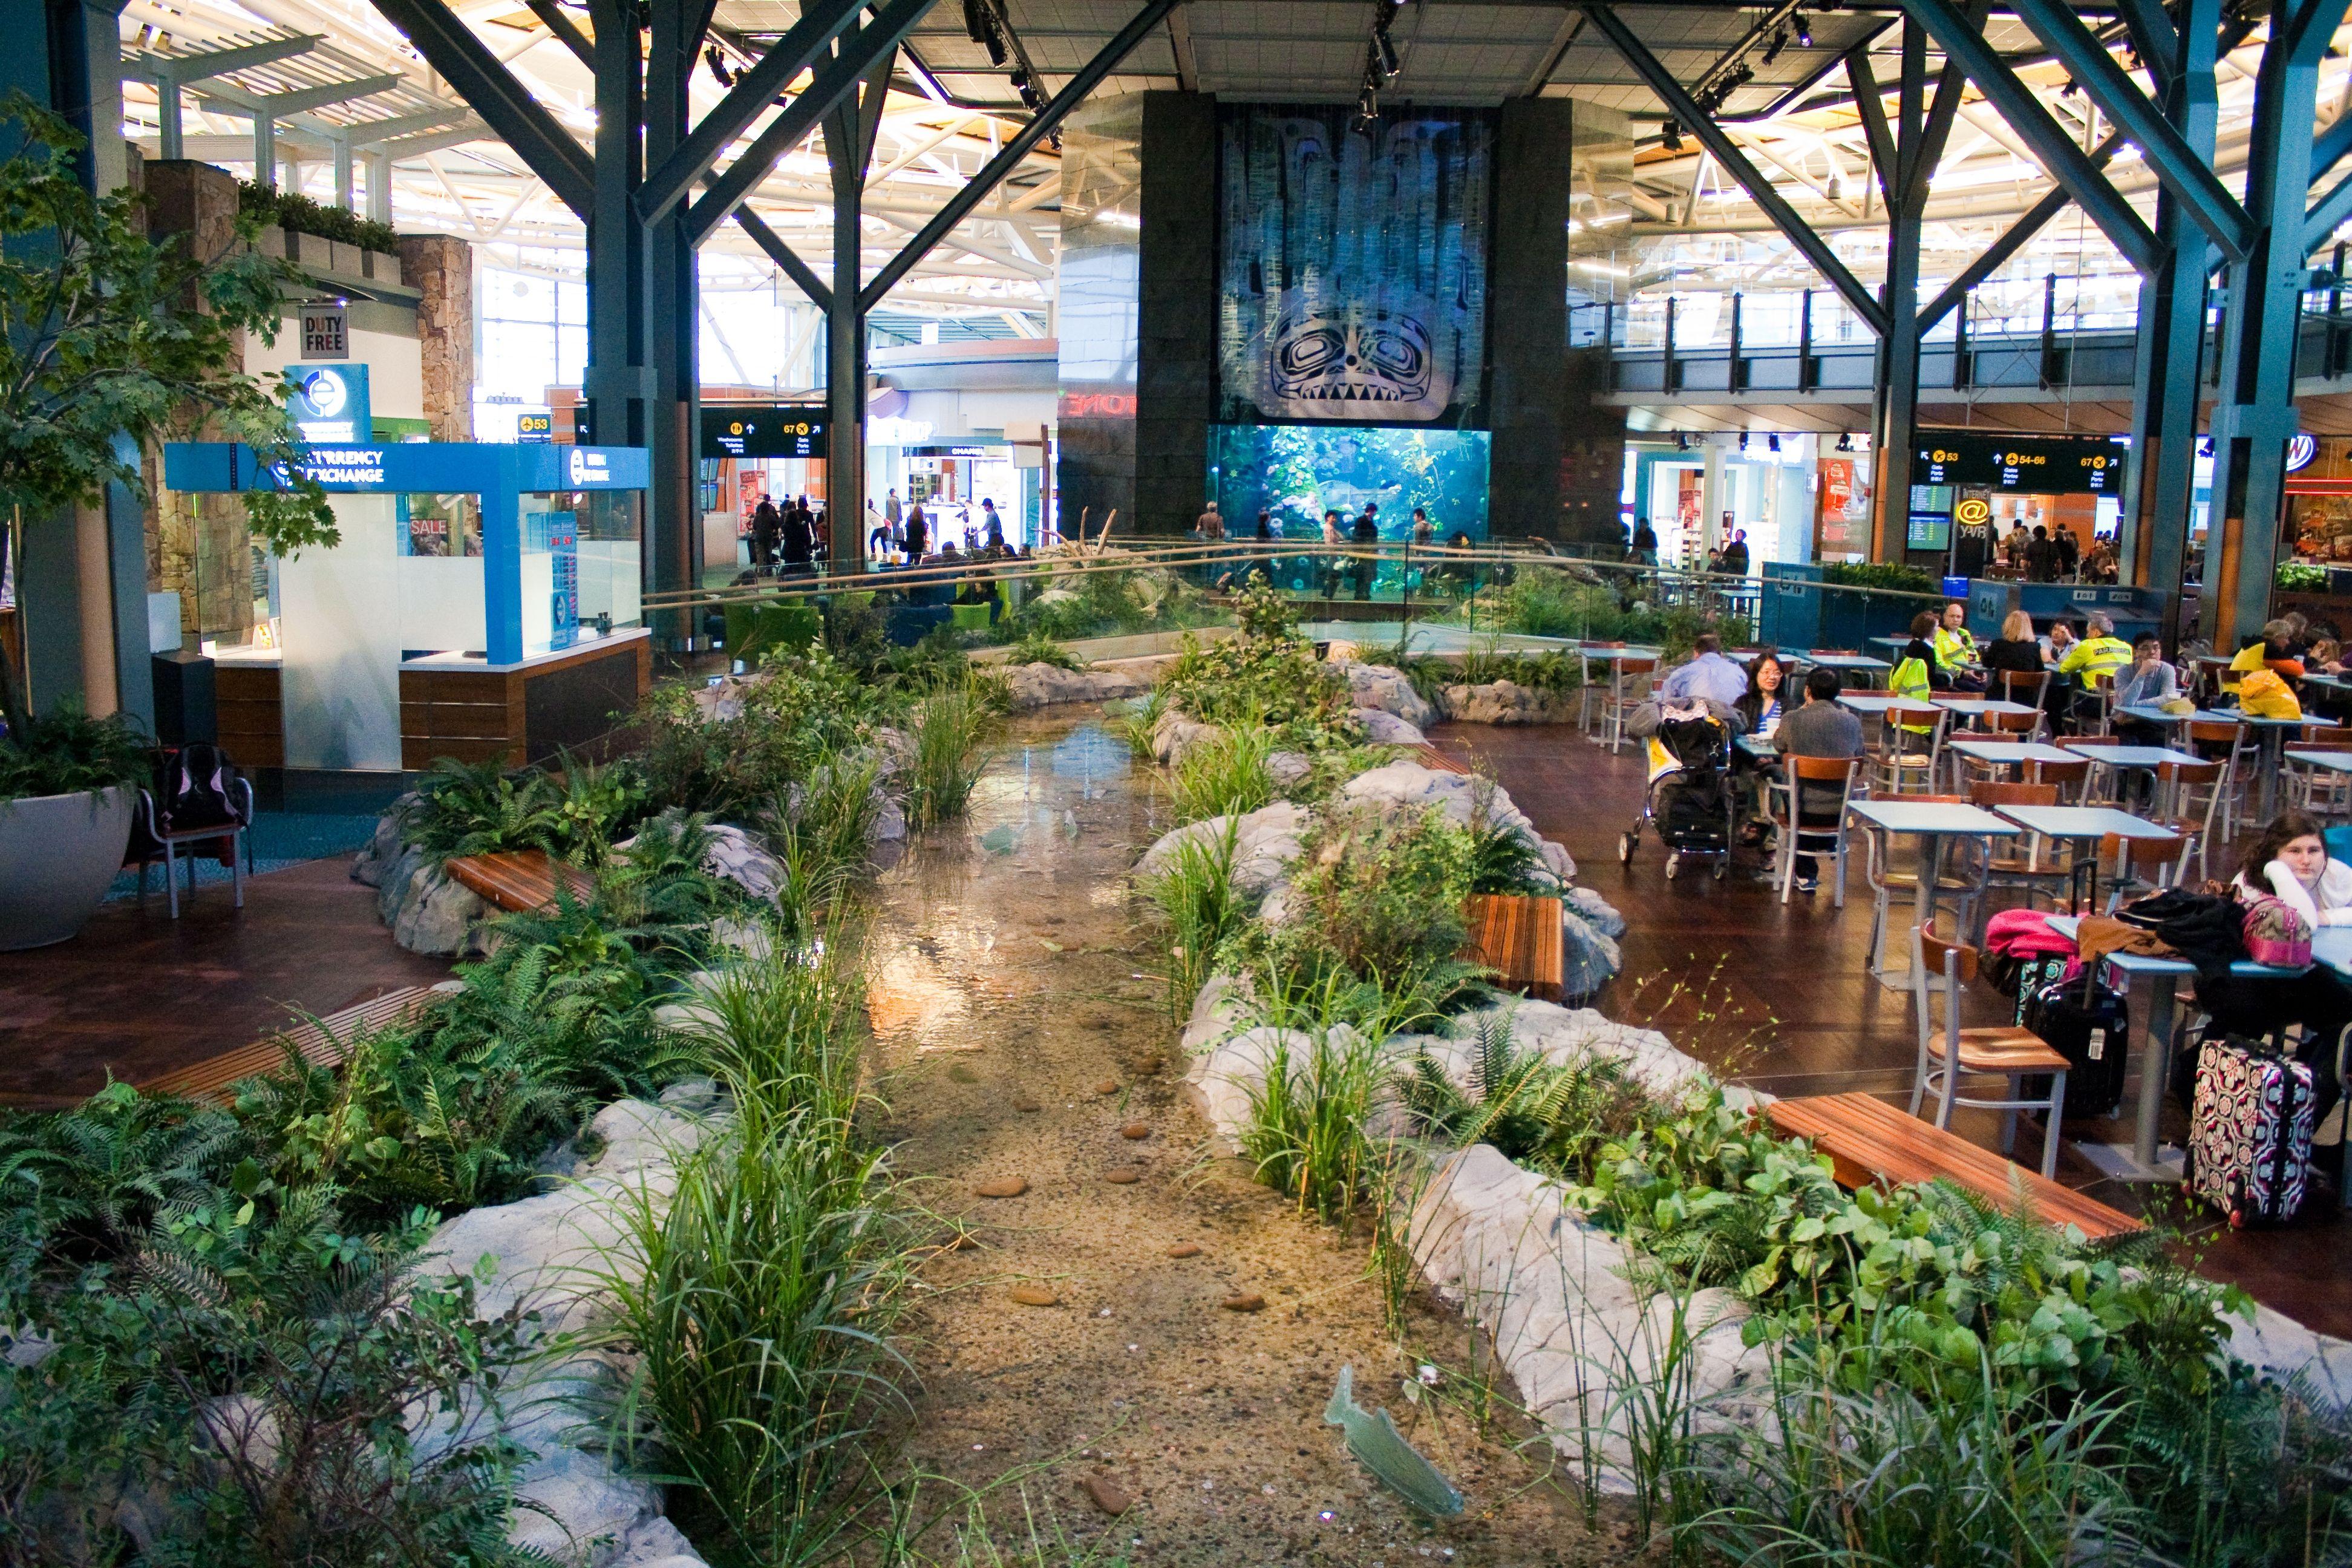 Airport Attractions: Vancouver International Airport's Aquarium Exhibit